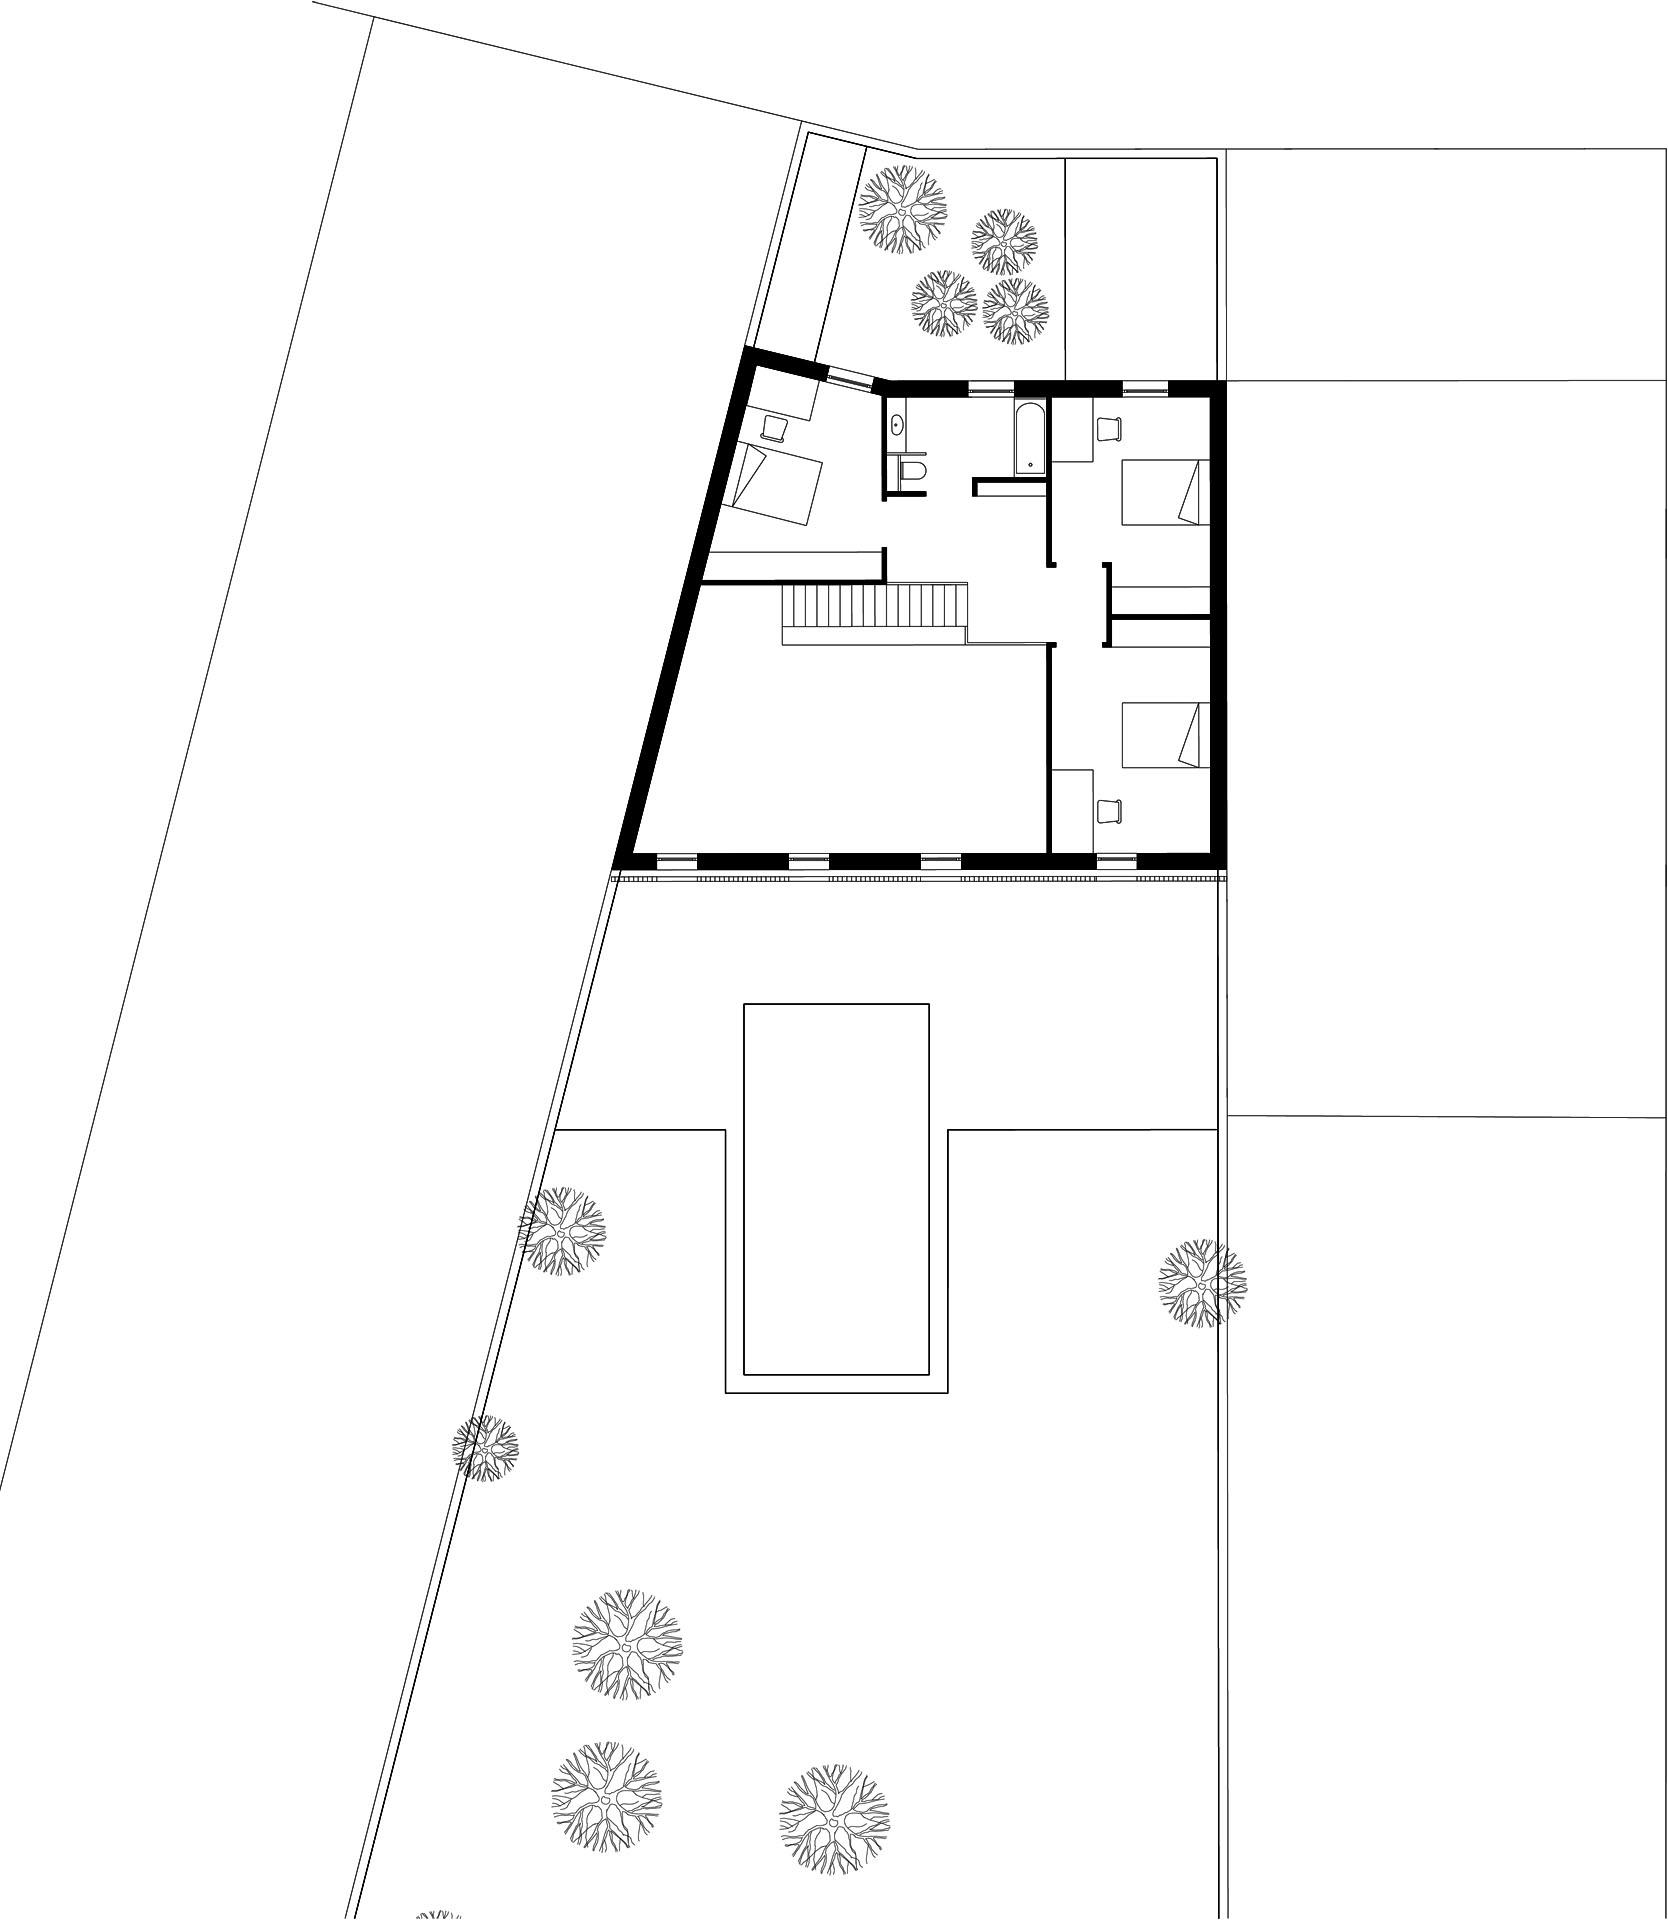 Plan premier étage maison atypique à Talence